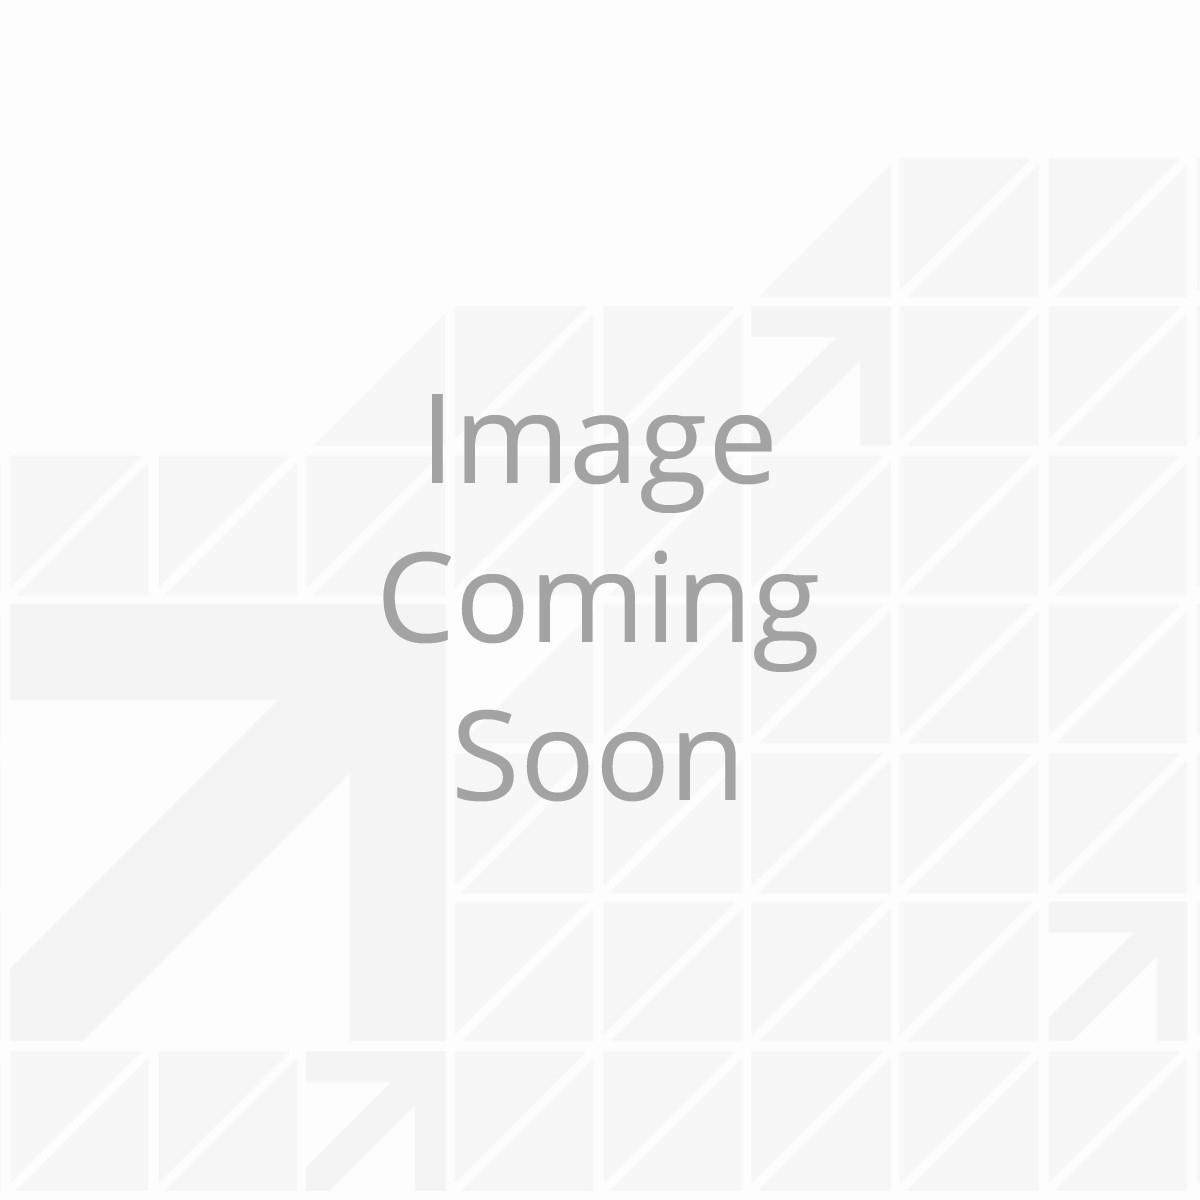 Coach Step® Gear Plate Assemblies - Black